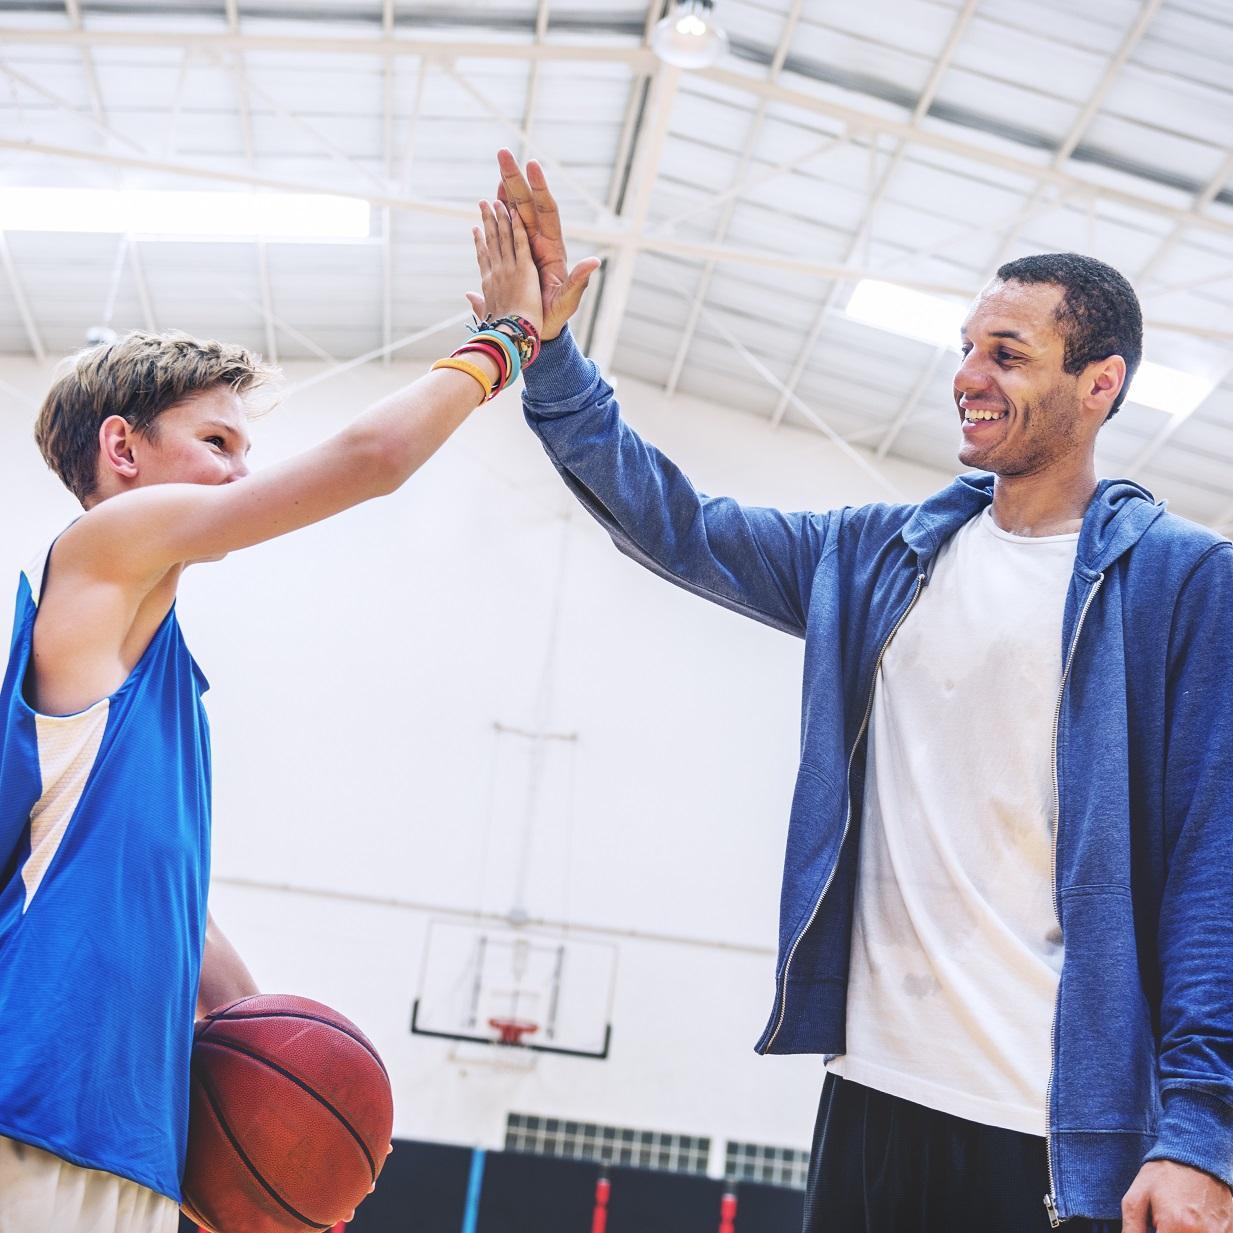 C:UsersivlevDownloadsteam-teamwork-basketball-training-game-concept-P7H74RR.jpg